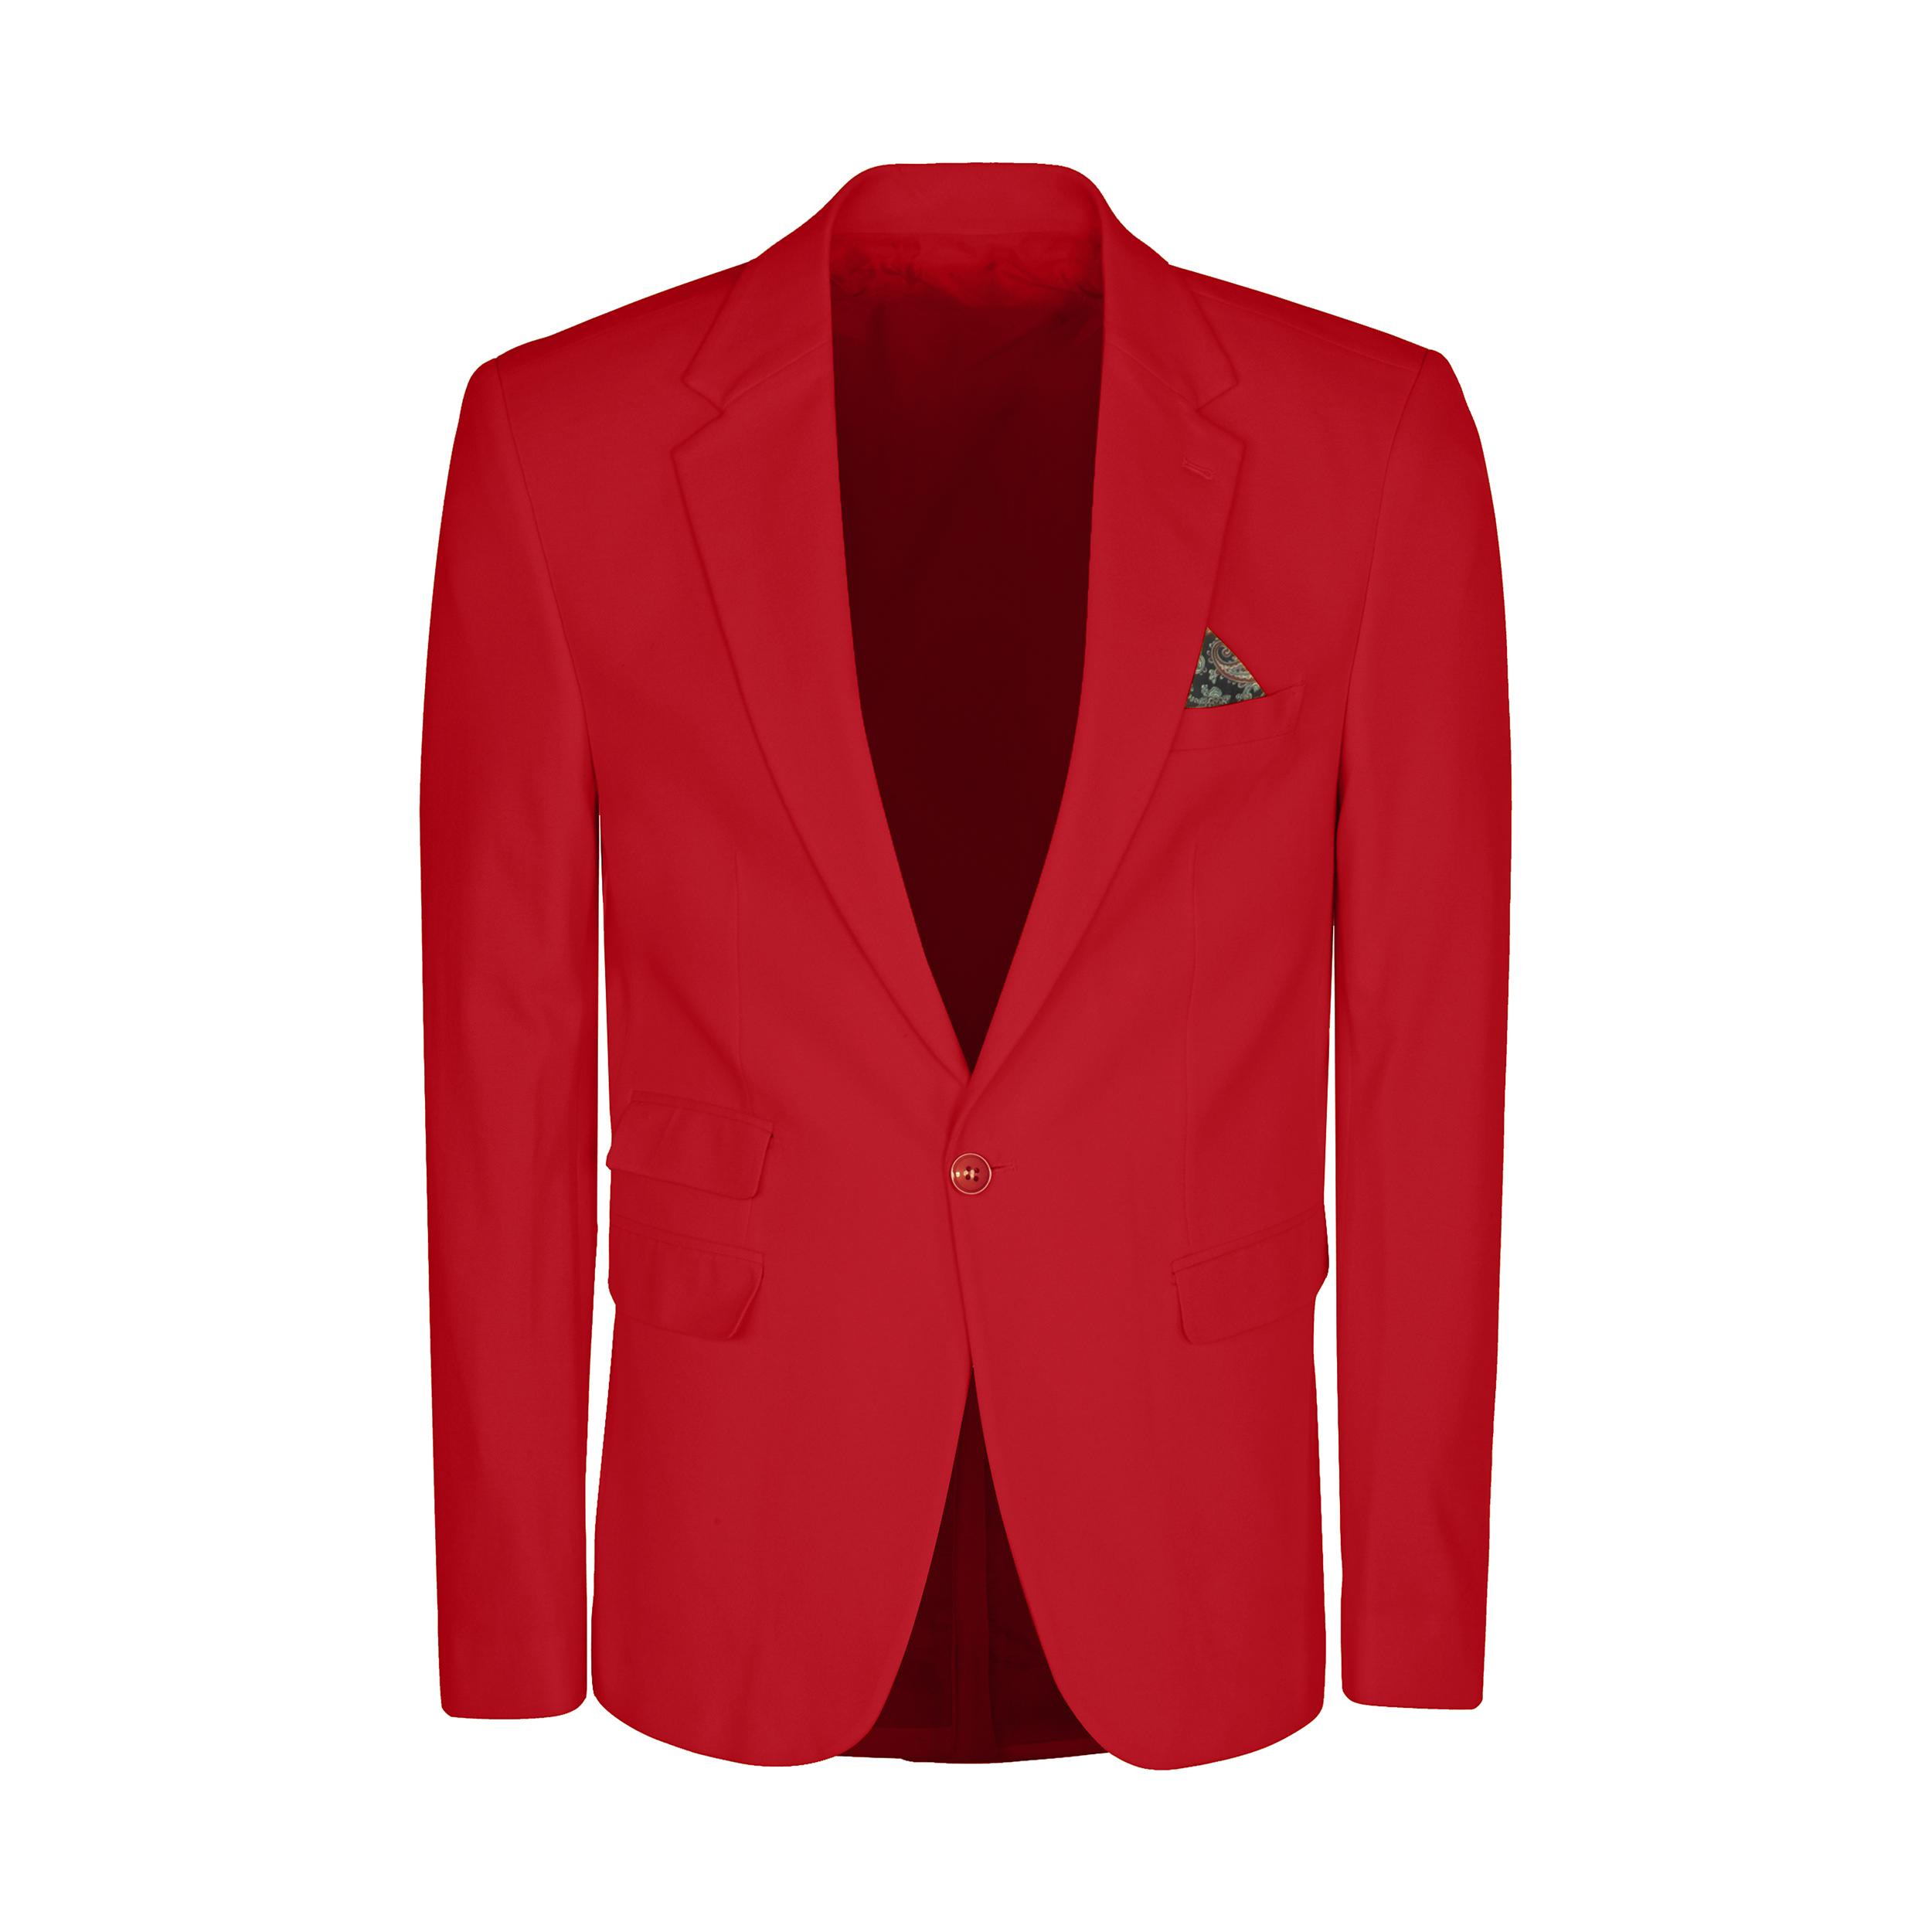 کت تک مردانه ان سی نو مدل جانسو رنگ قرمز -  - 1